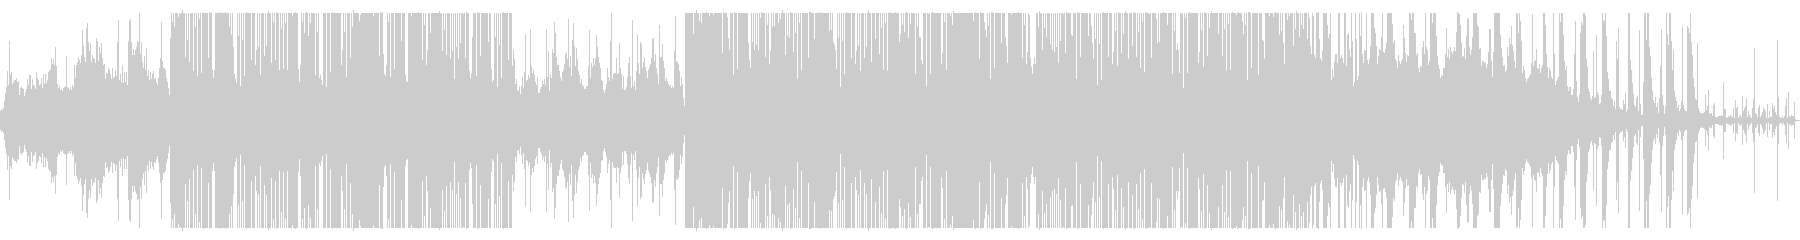 企業VP いやし・チル 223の未再生の波形